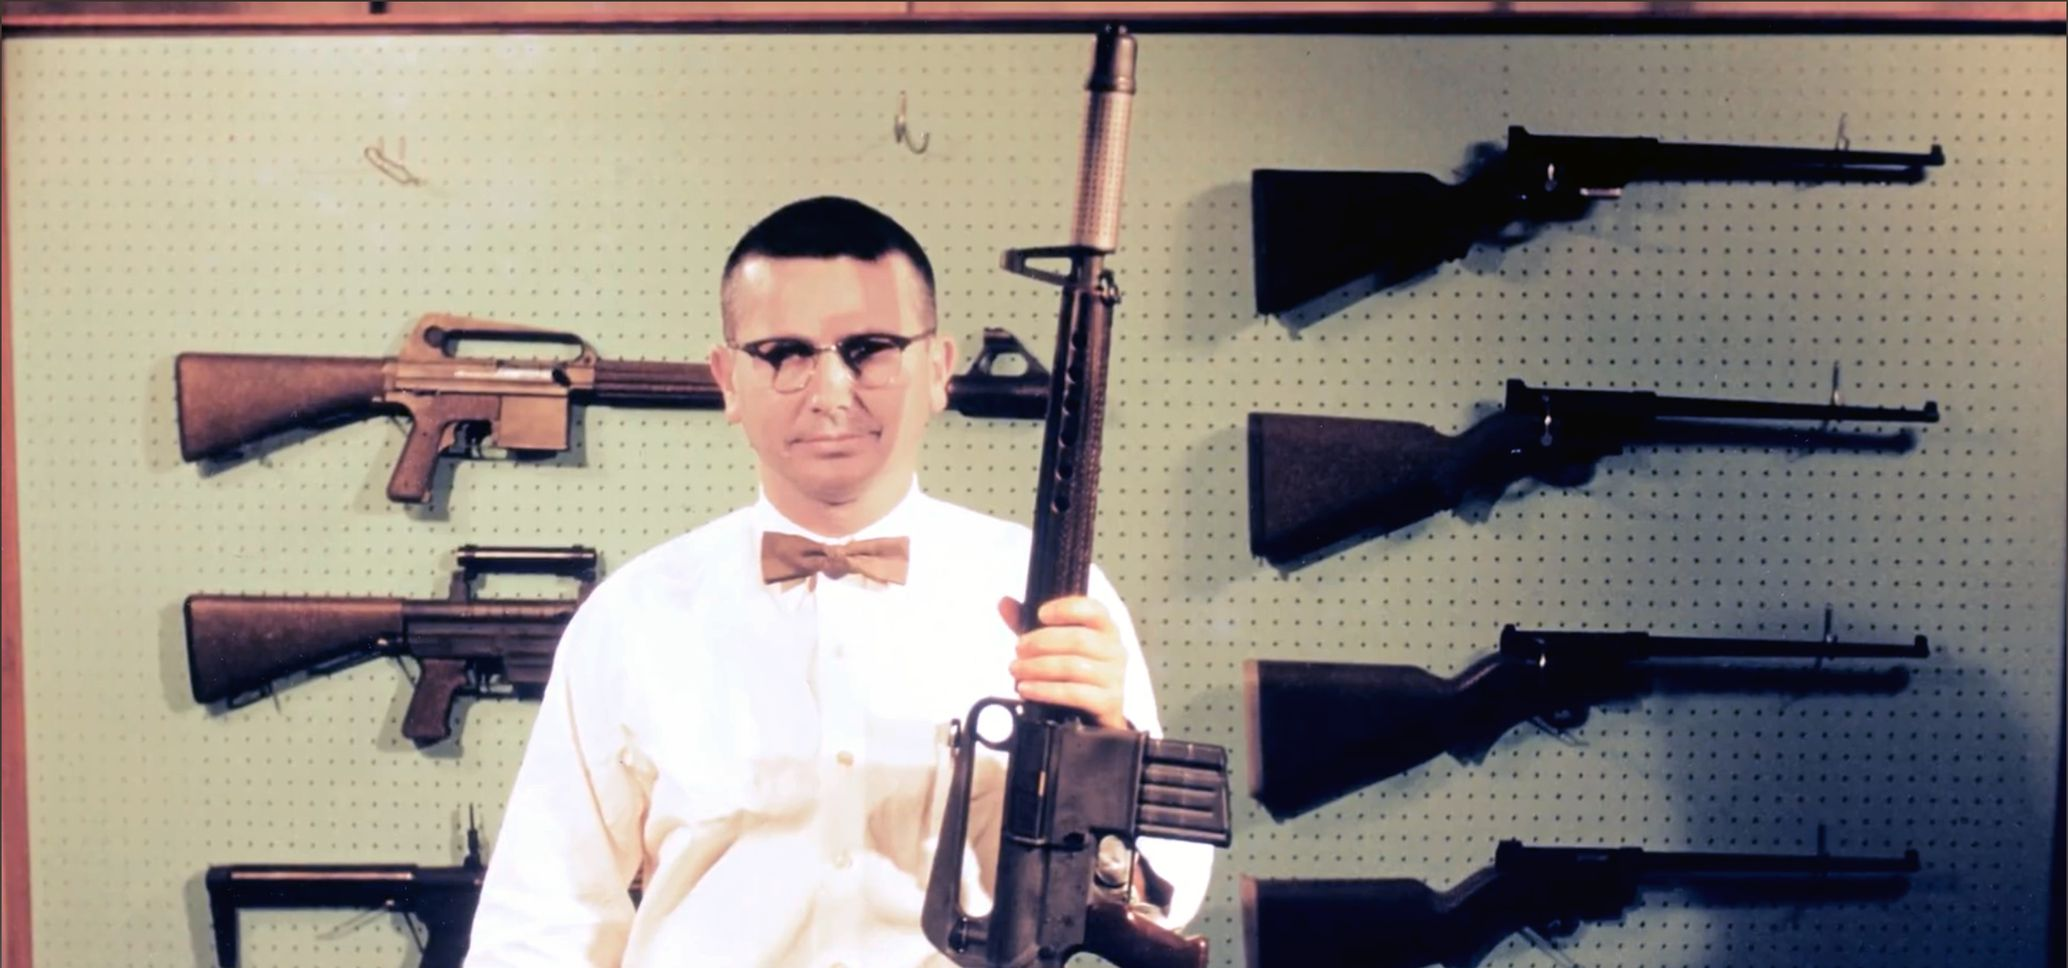 Eugene Stoner avec un fusil AR-10 et des variantes du fusil de survie AR-5